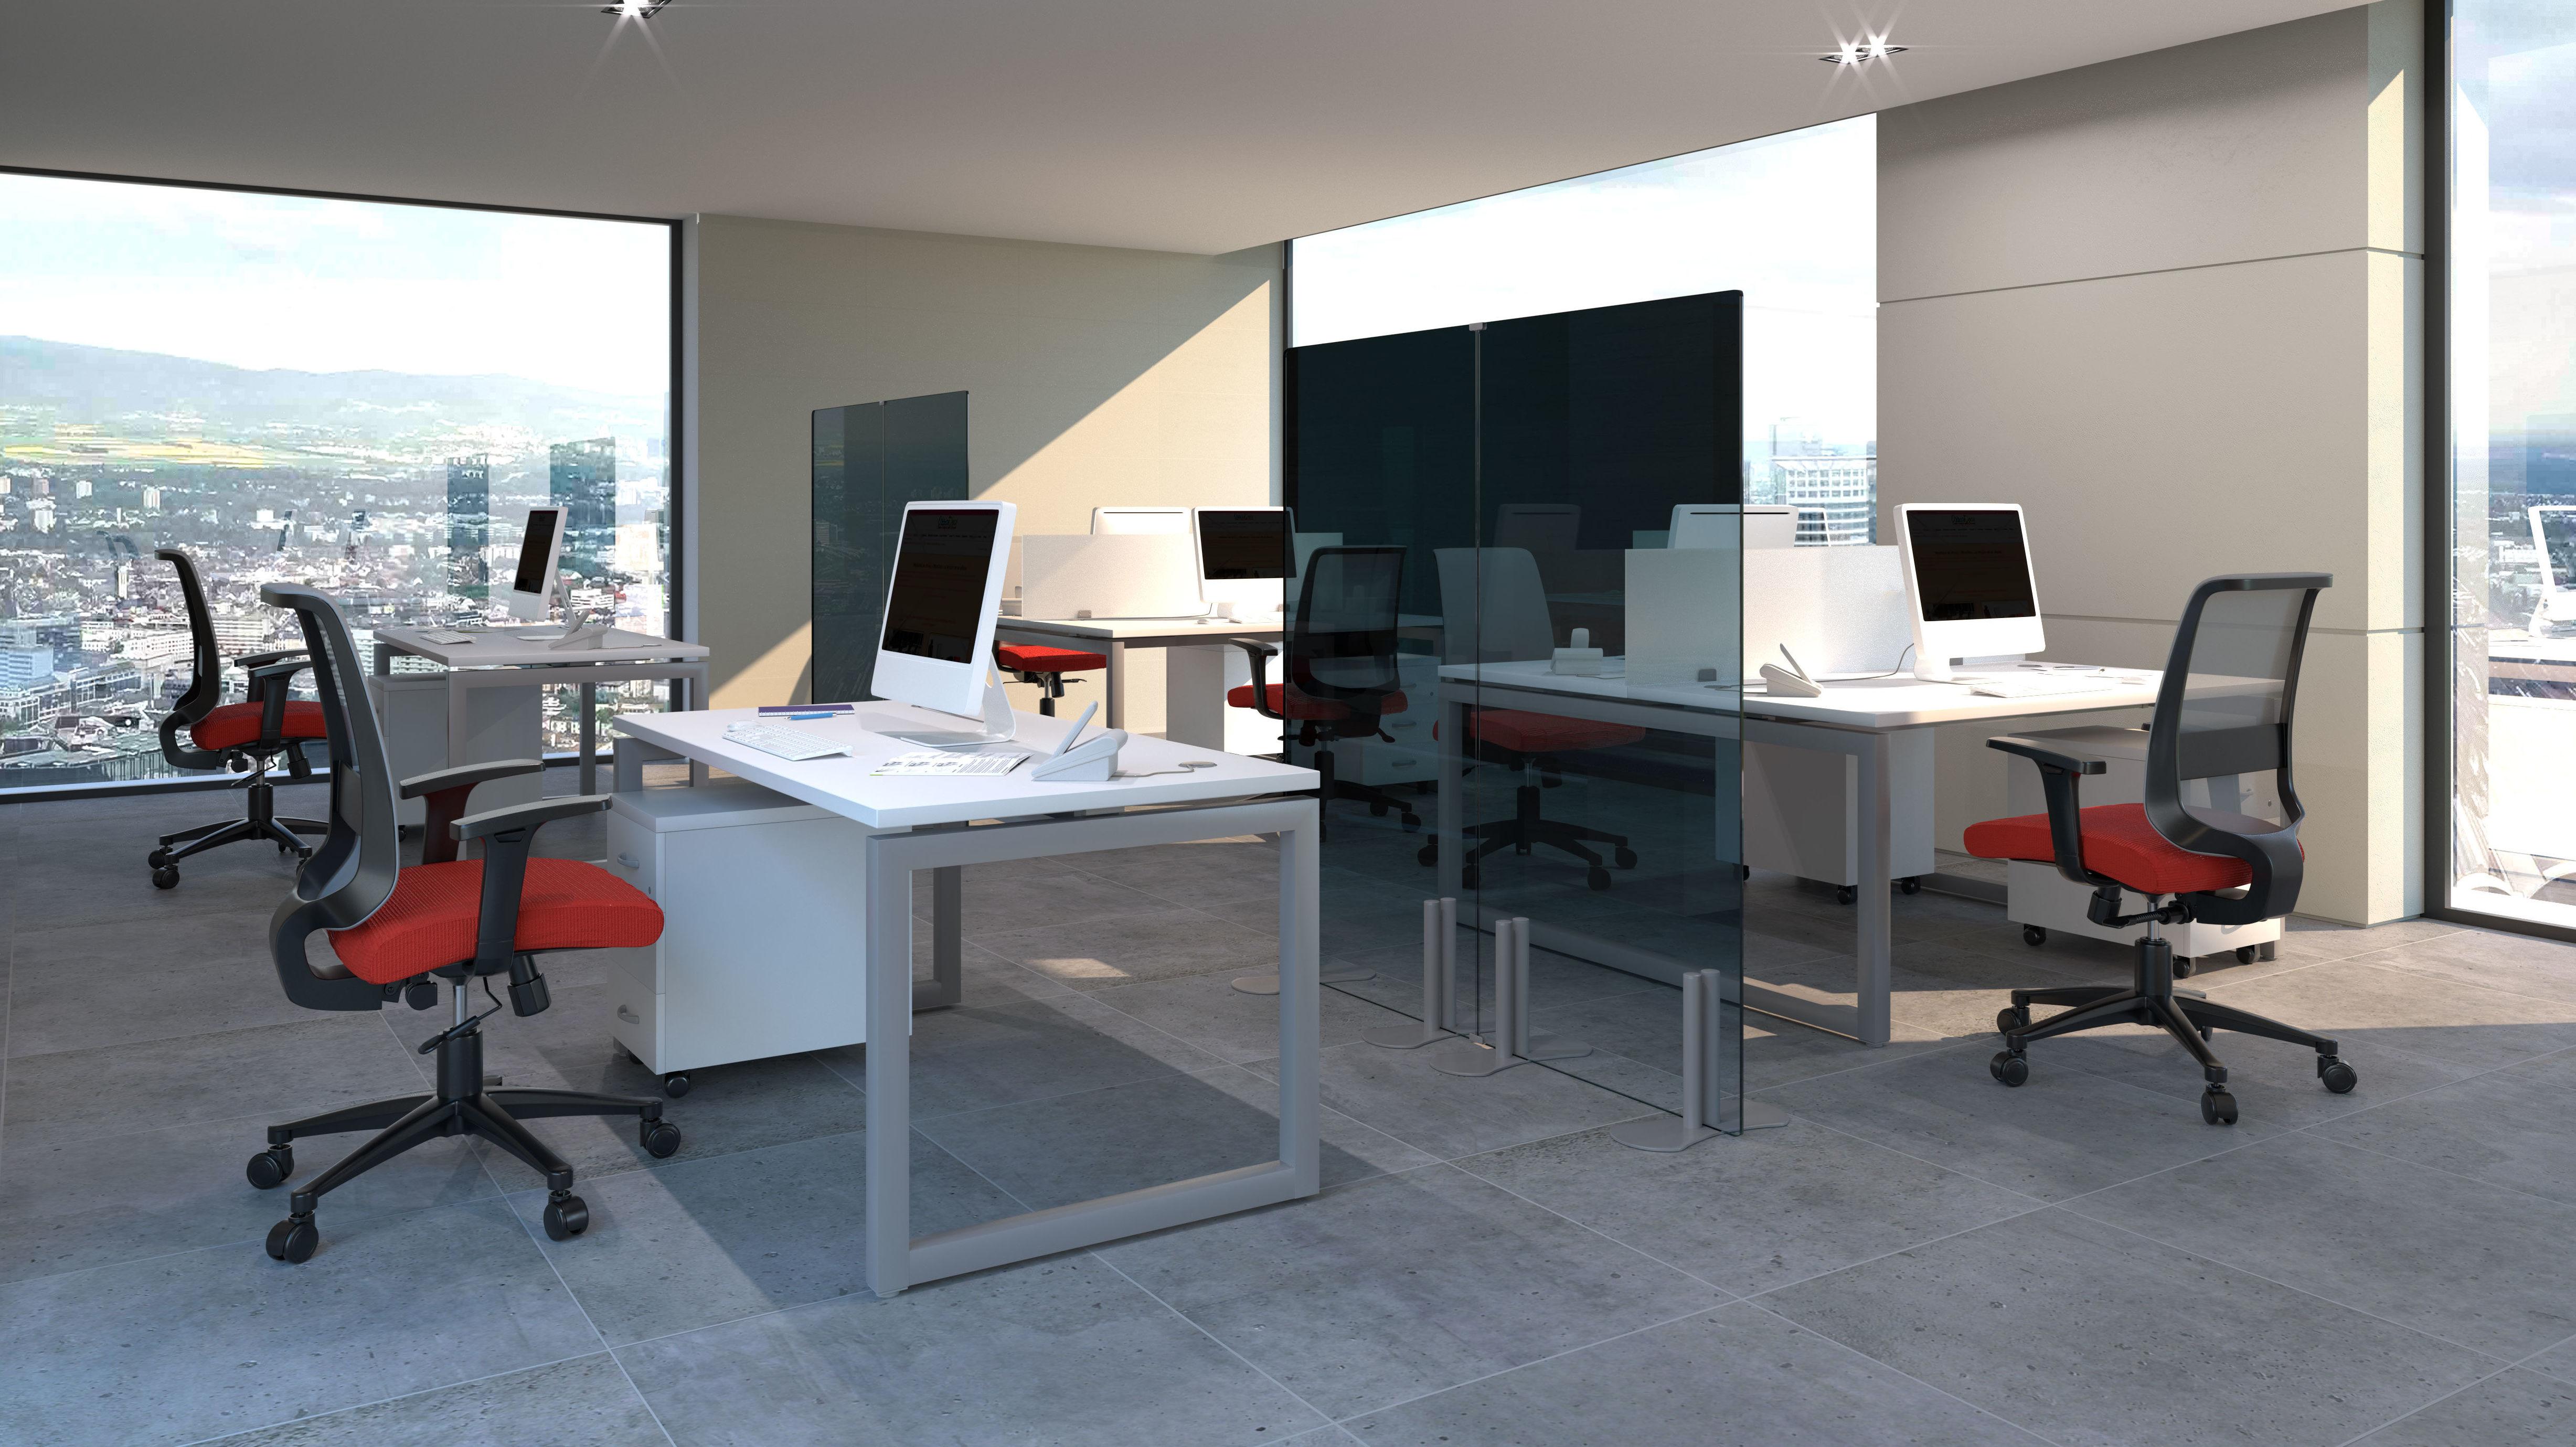 Foto 8 de Mobiliario de oficina en Madrid | Officedeco